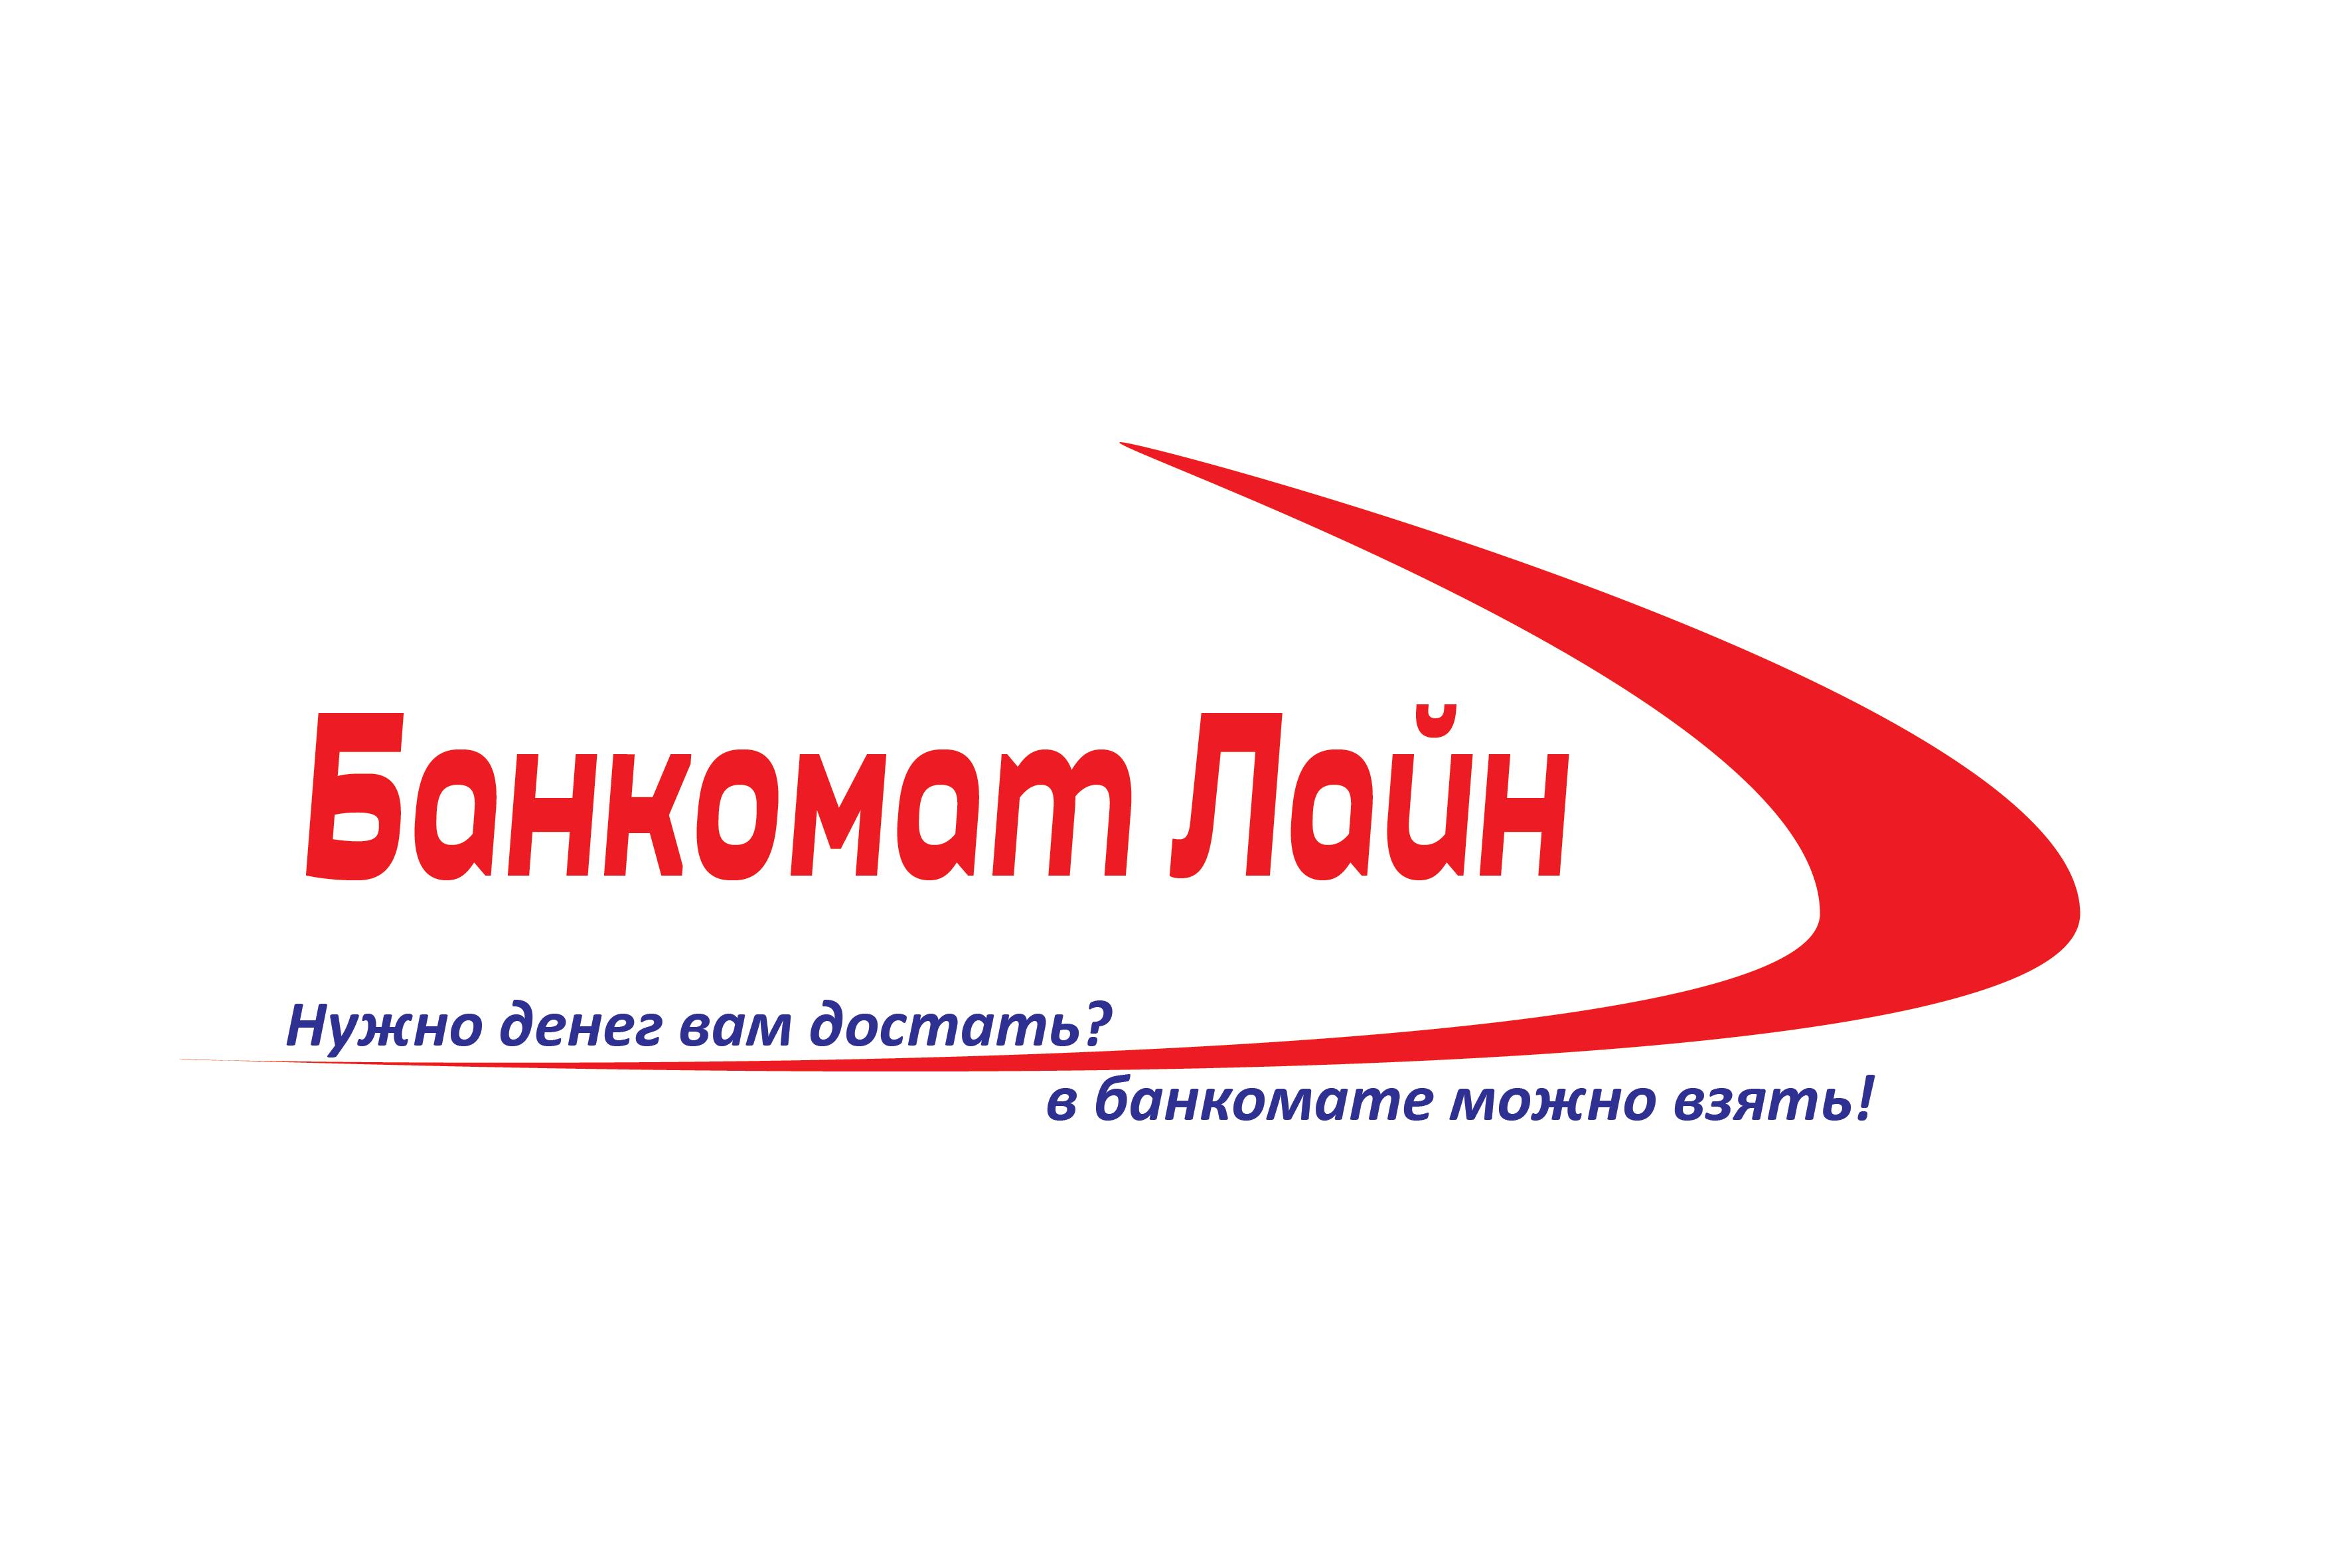 Разработка логотипа и слогана для транспортной компании фото f_6565878acbb717fe.png